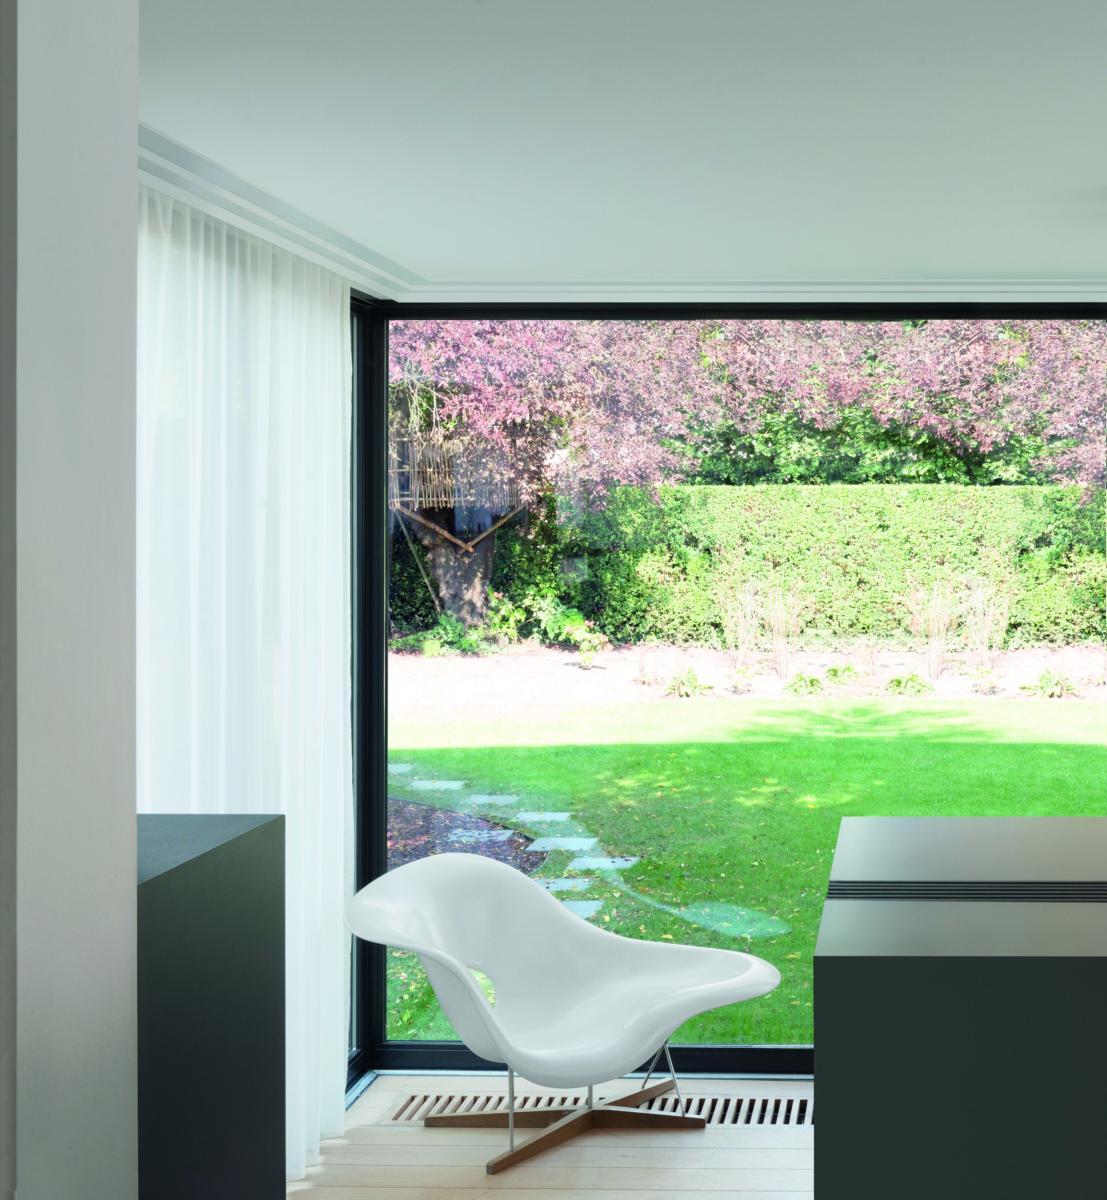 c390 steps corniche plafond pour eclairage indirect et cache tringle a rideaux orac decor 6x10x200cm h x p x l moulure decorative polyurethane